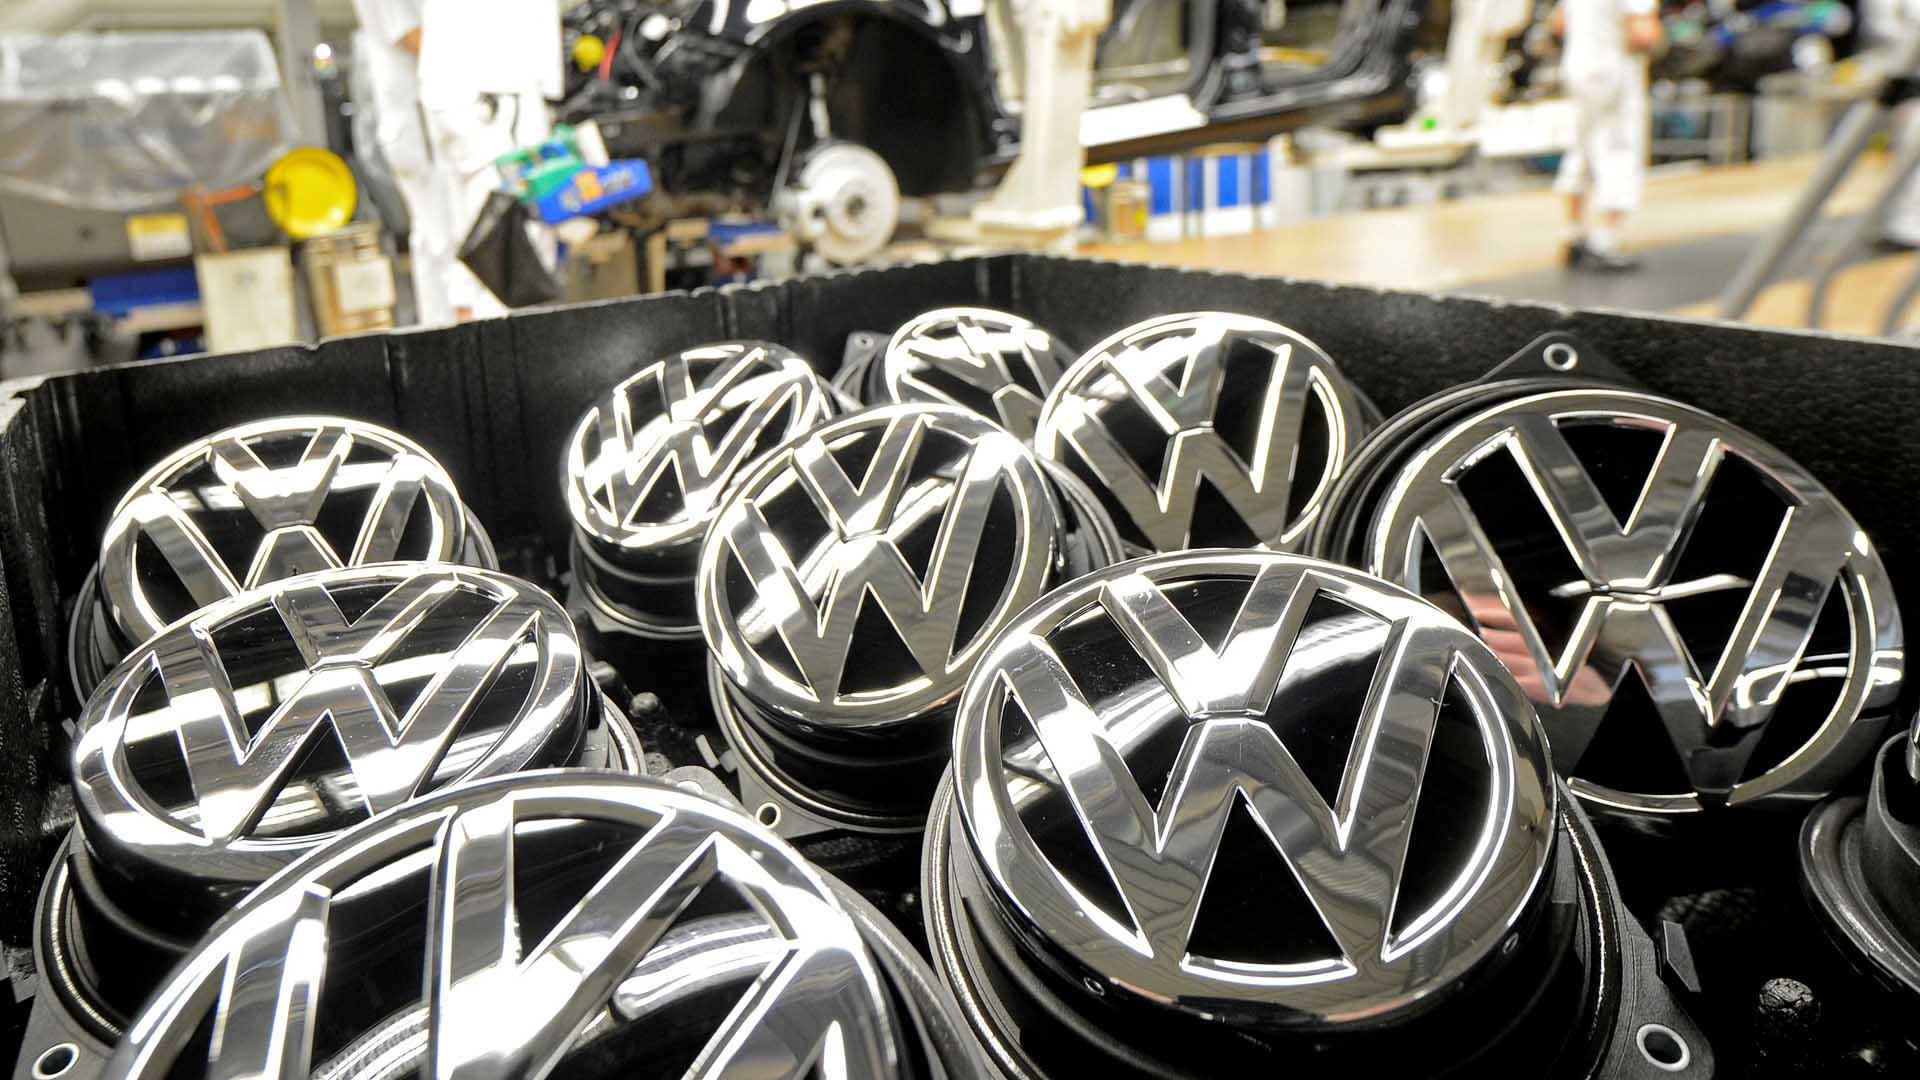 Por el escándalo de los motores diésel, la empresa automotriz quedó sumida en la peor crisis de su historia en 2015